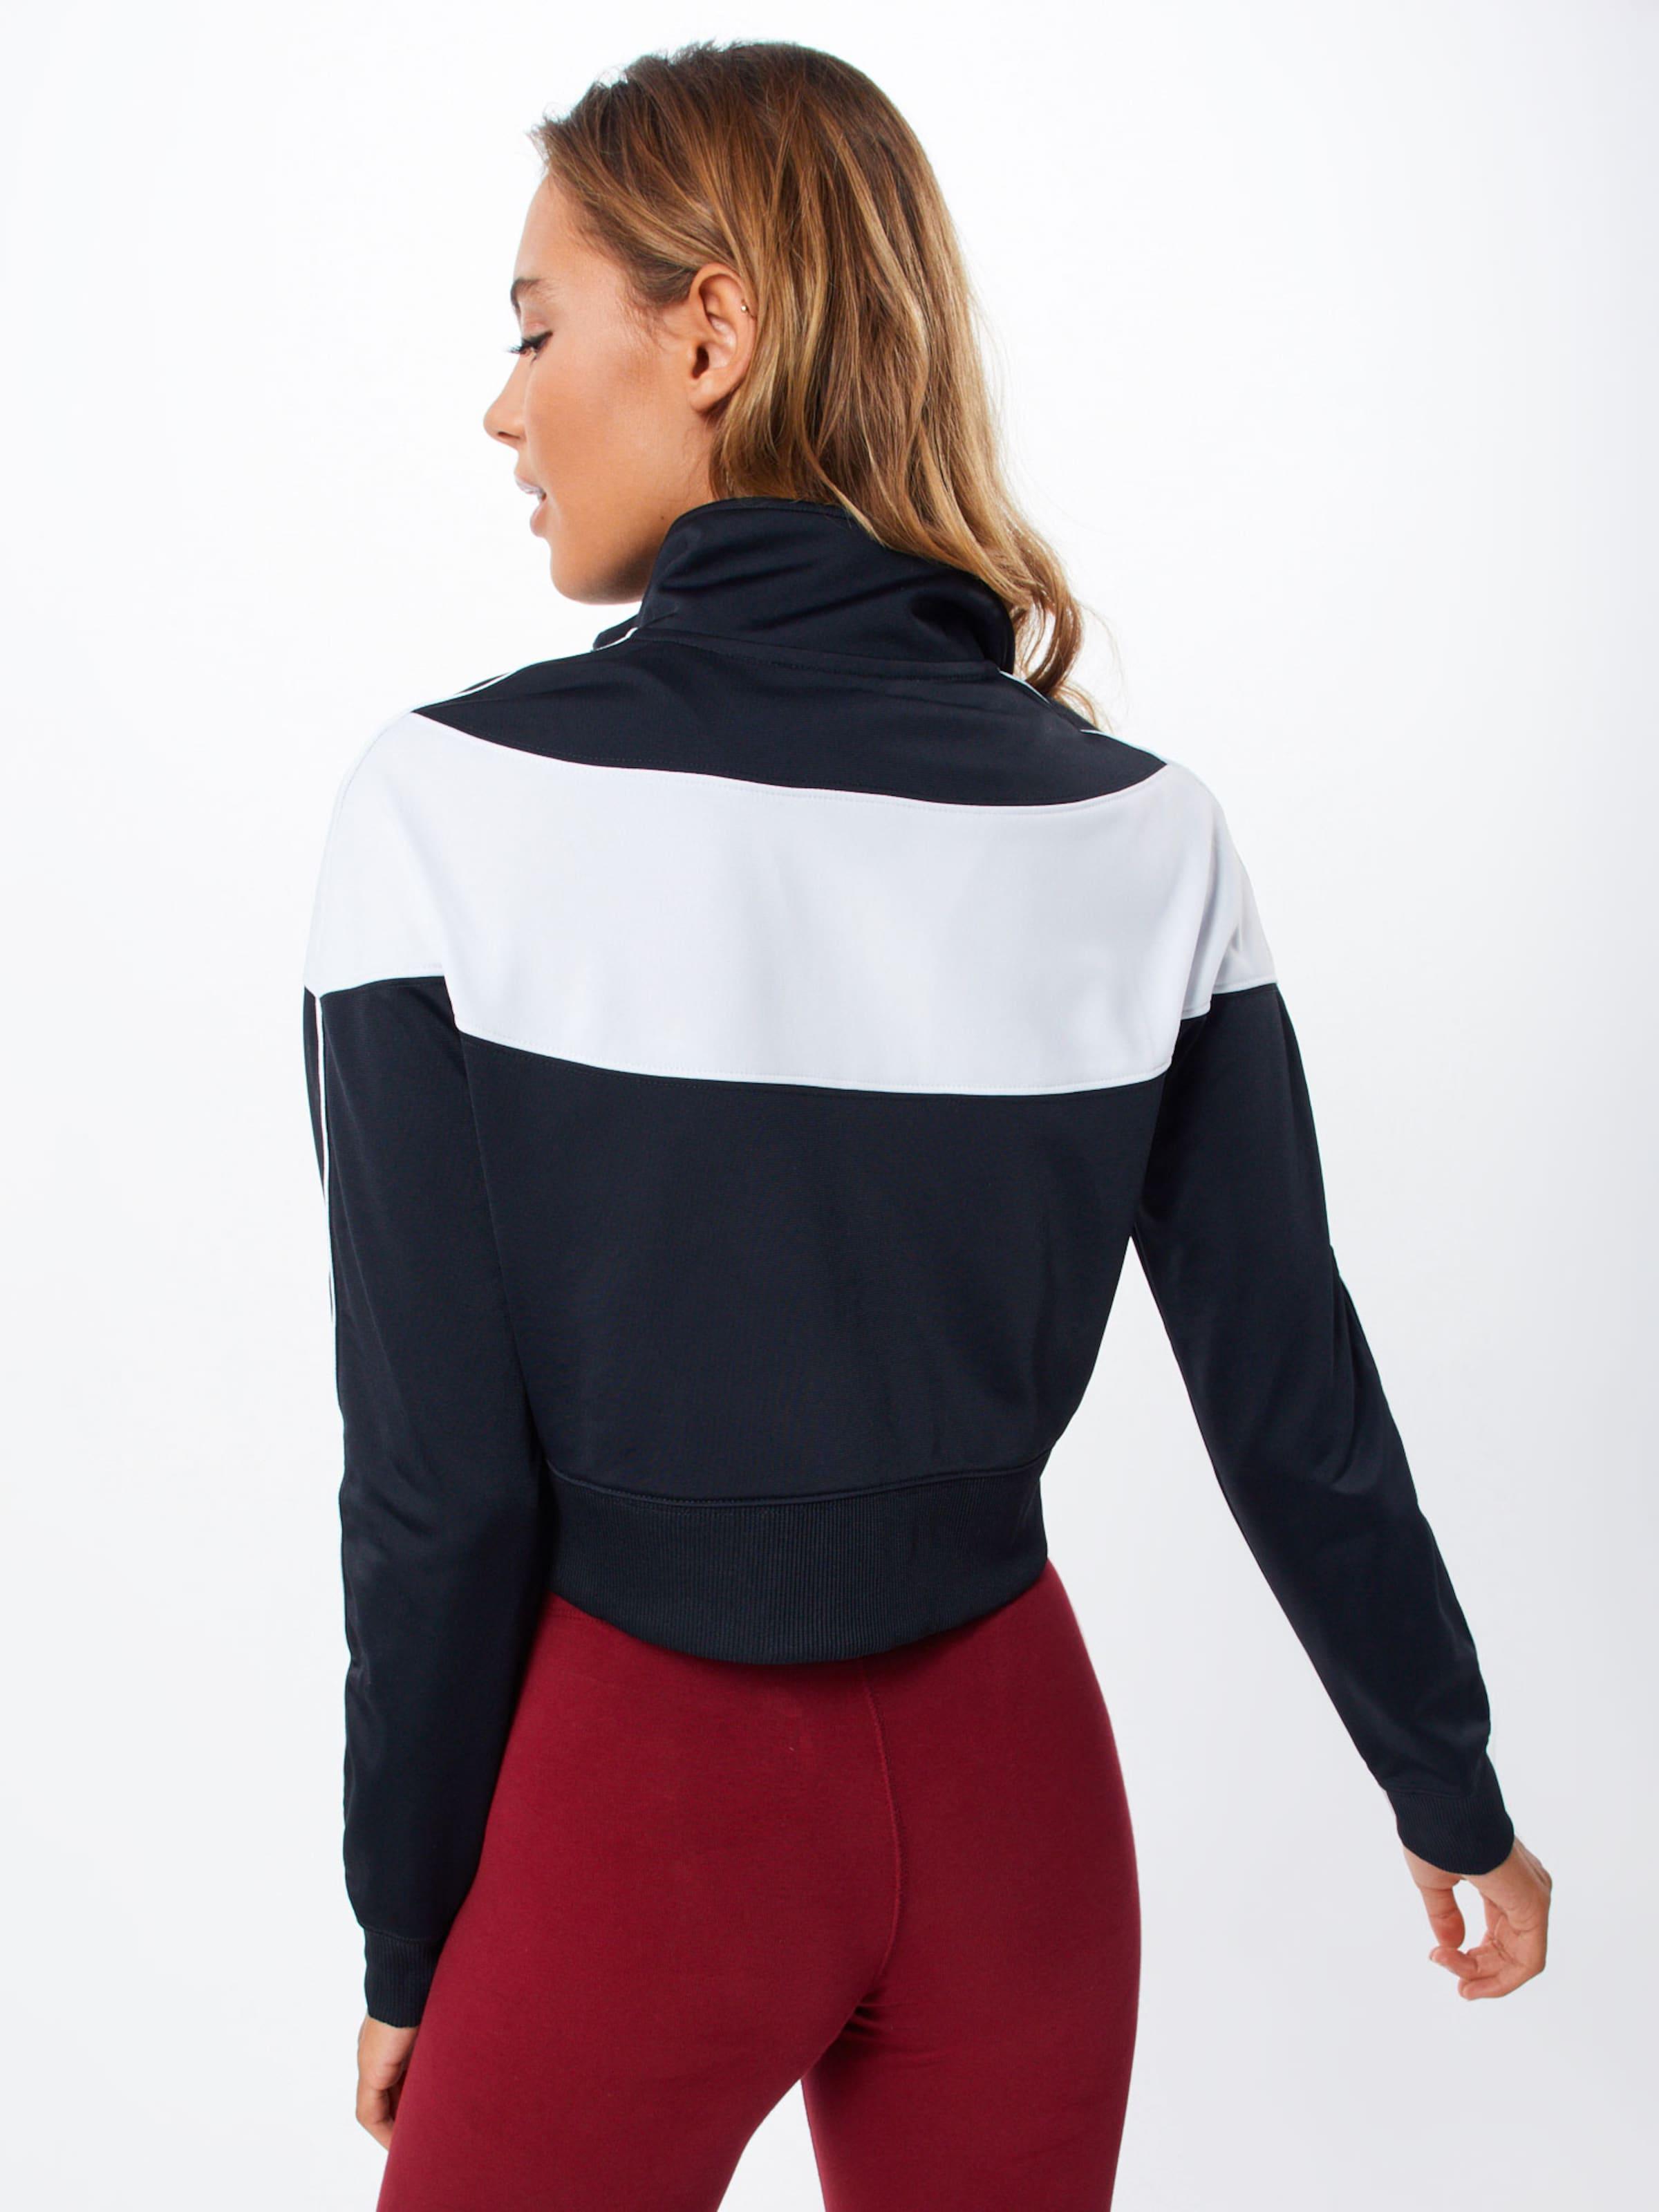 Jacke Sportswear SchwarzWei In Nike In Nike Sportswear Jacke 6fybvmY7gI